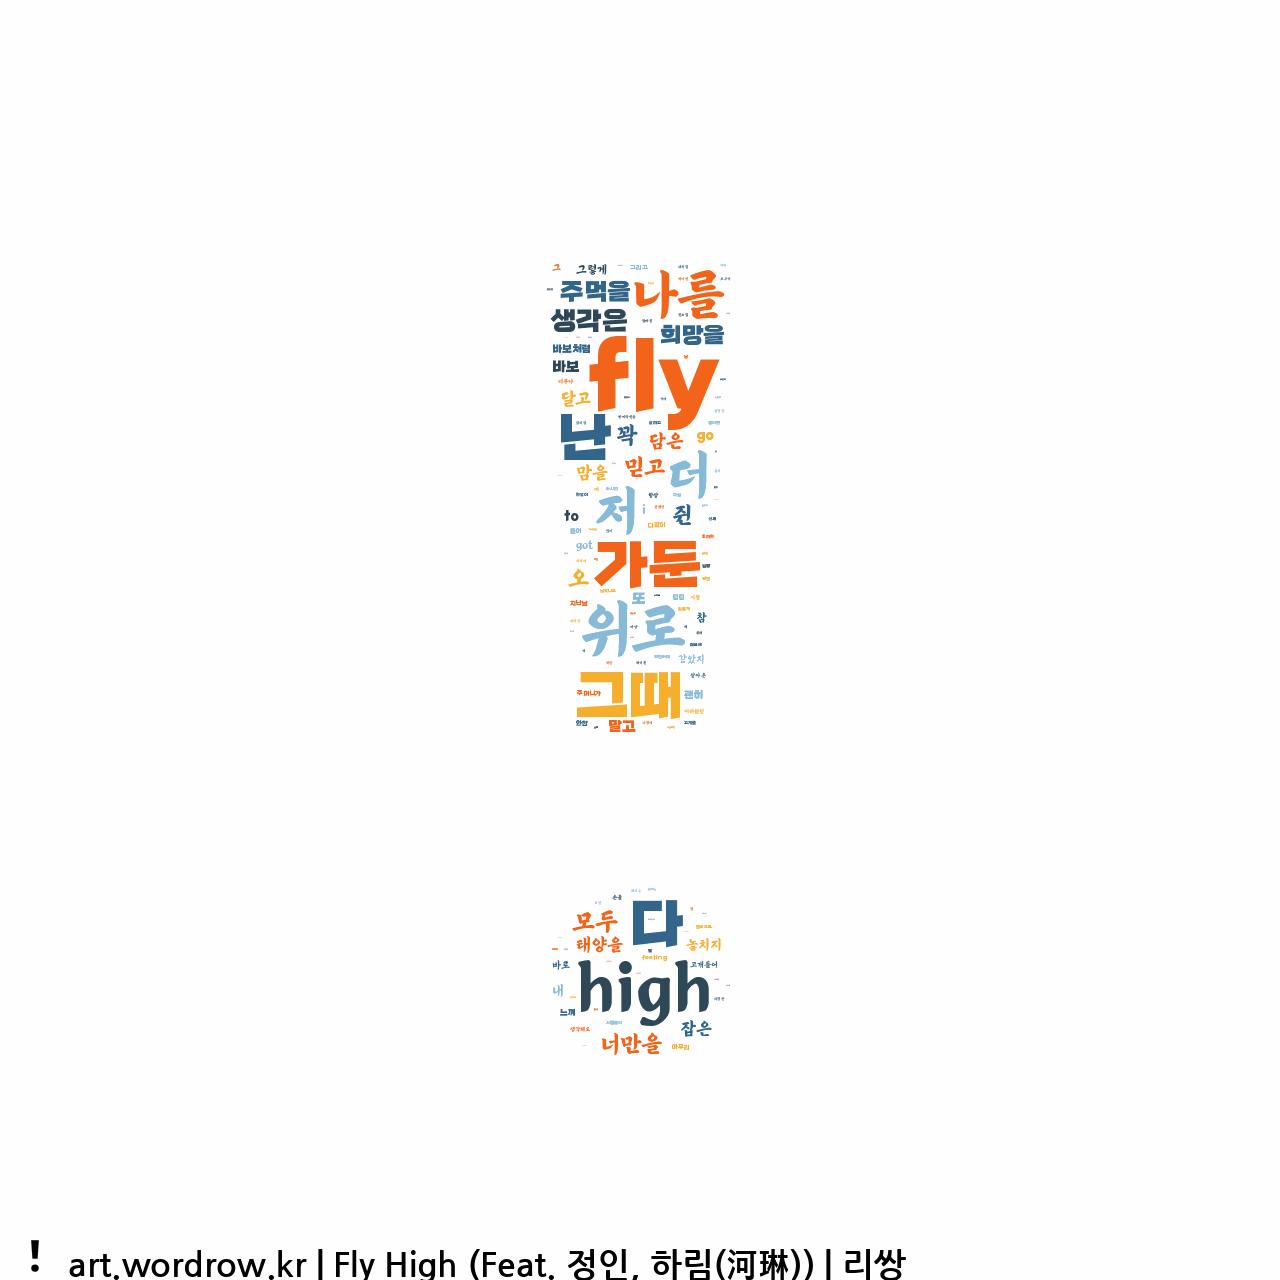 워드 클라우드: Fly High (Feat. 정인, 하림(河琳)) [리쌍]-70